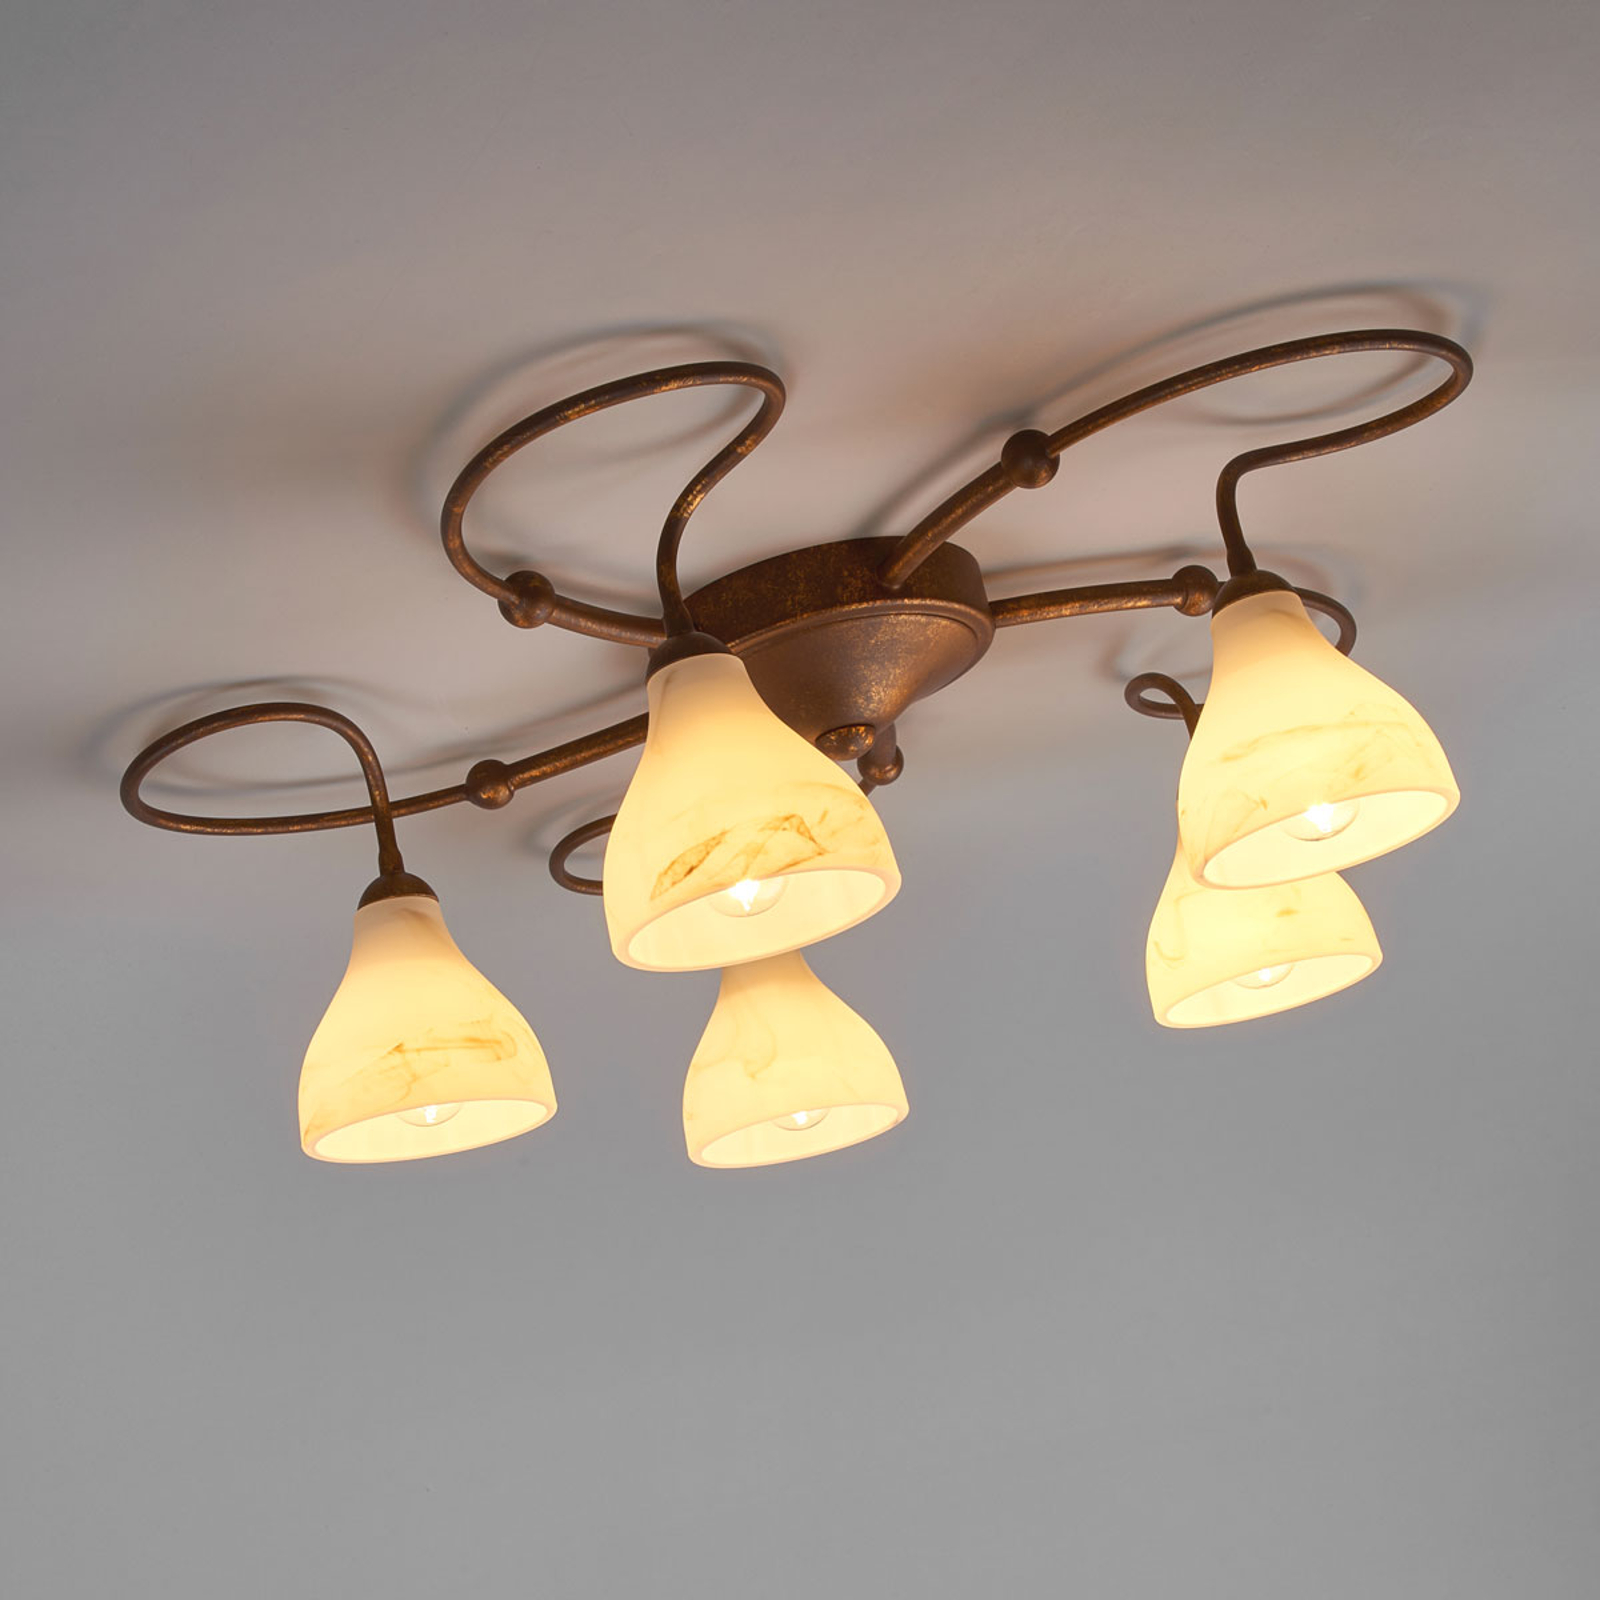 5-punktowa lampa sufitowa Mattia w stylu dworkowym